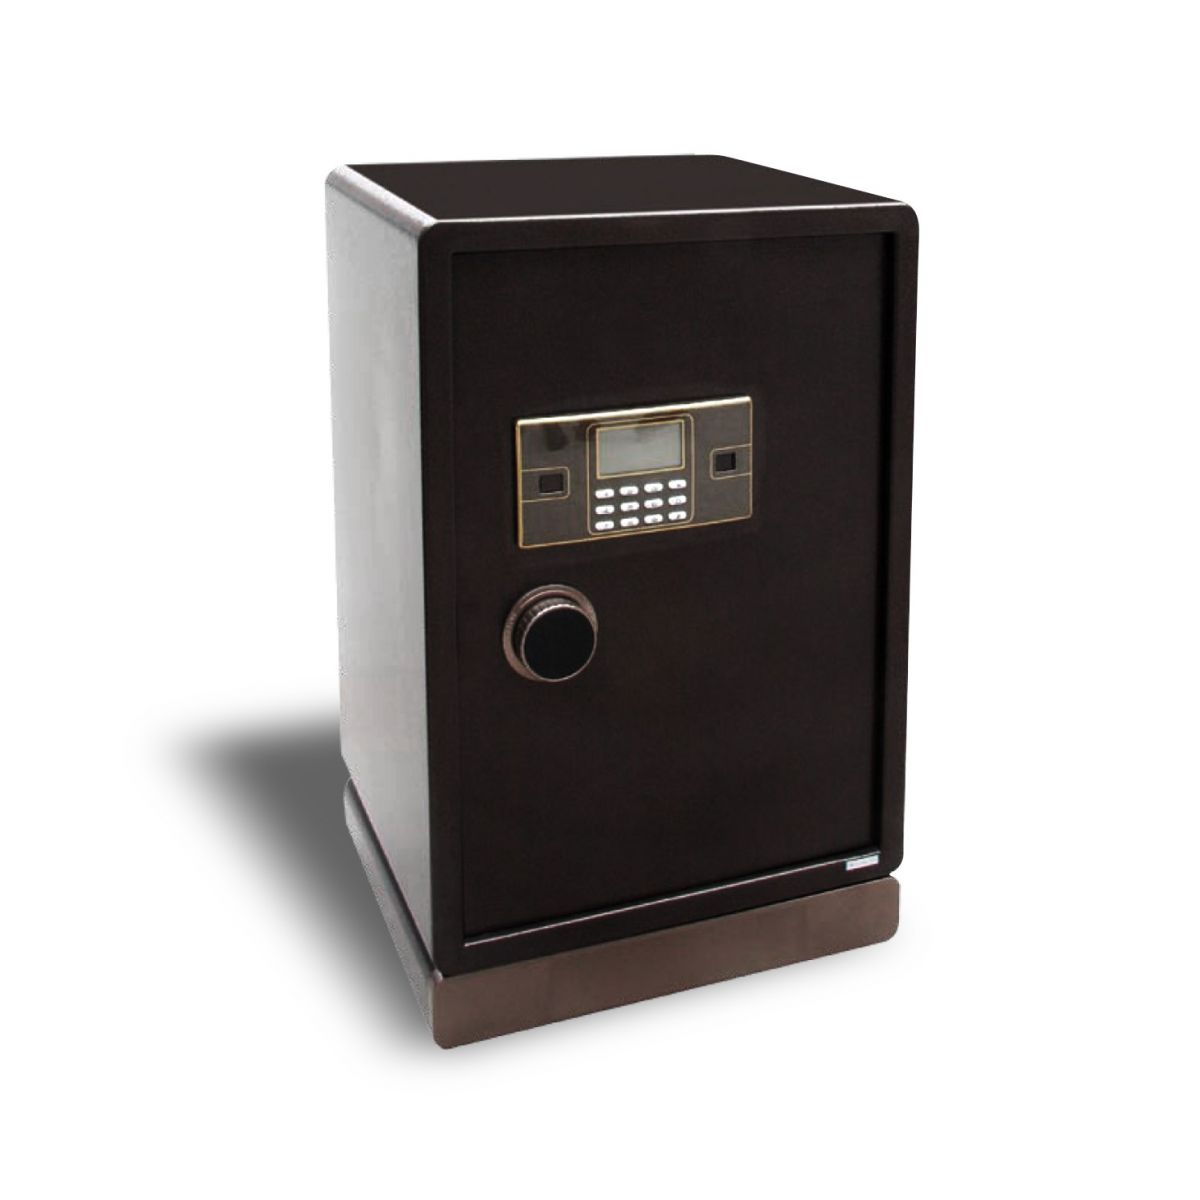 (FORA DE LINHA) Cofre Antirroubo Safewell 73 BDA Medidas Externas (AxCxP): 815x450x400mm, Capacidade: 130L, Senha: 3 a 8 dígitos